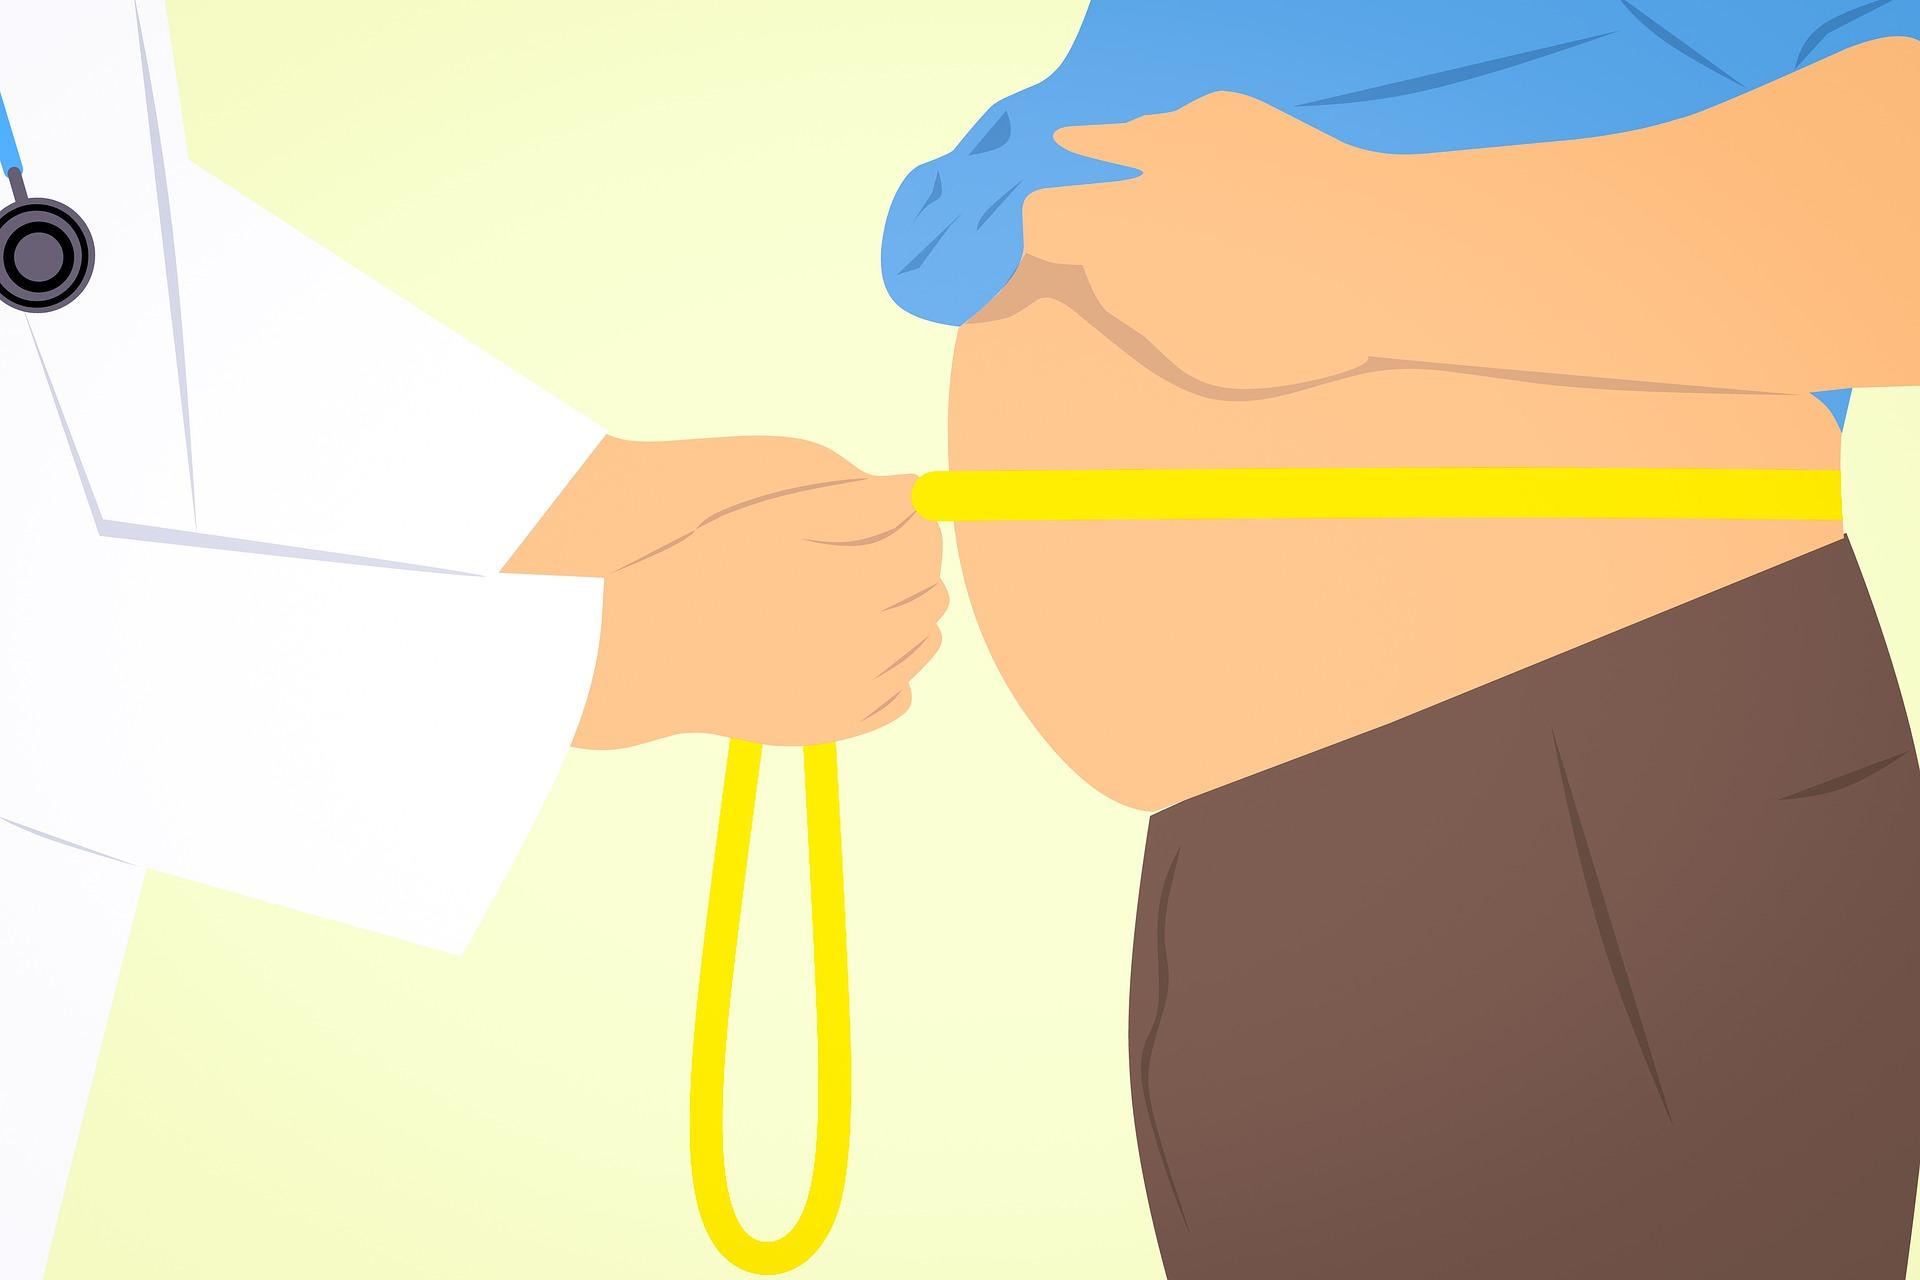 Räkna ut ditt BMI (Body Mass Index) - Diabetes.nu 285f2eb7a4ea3